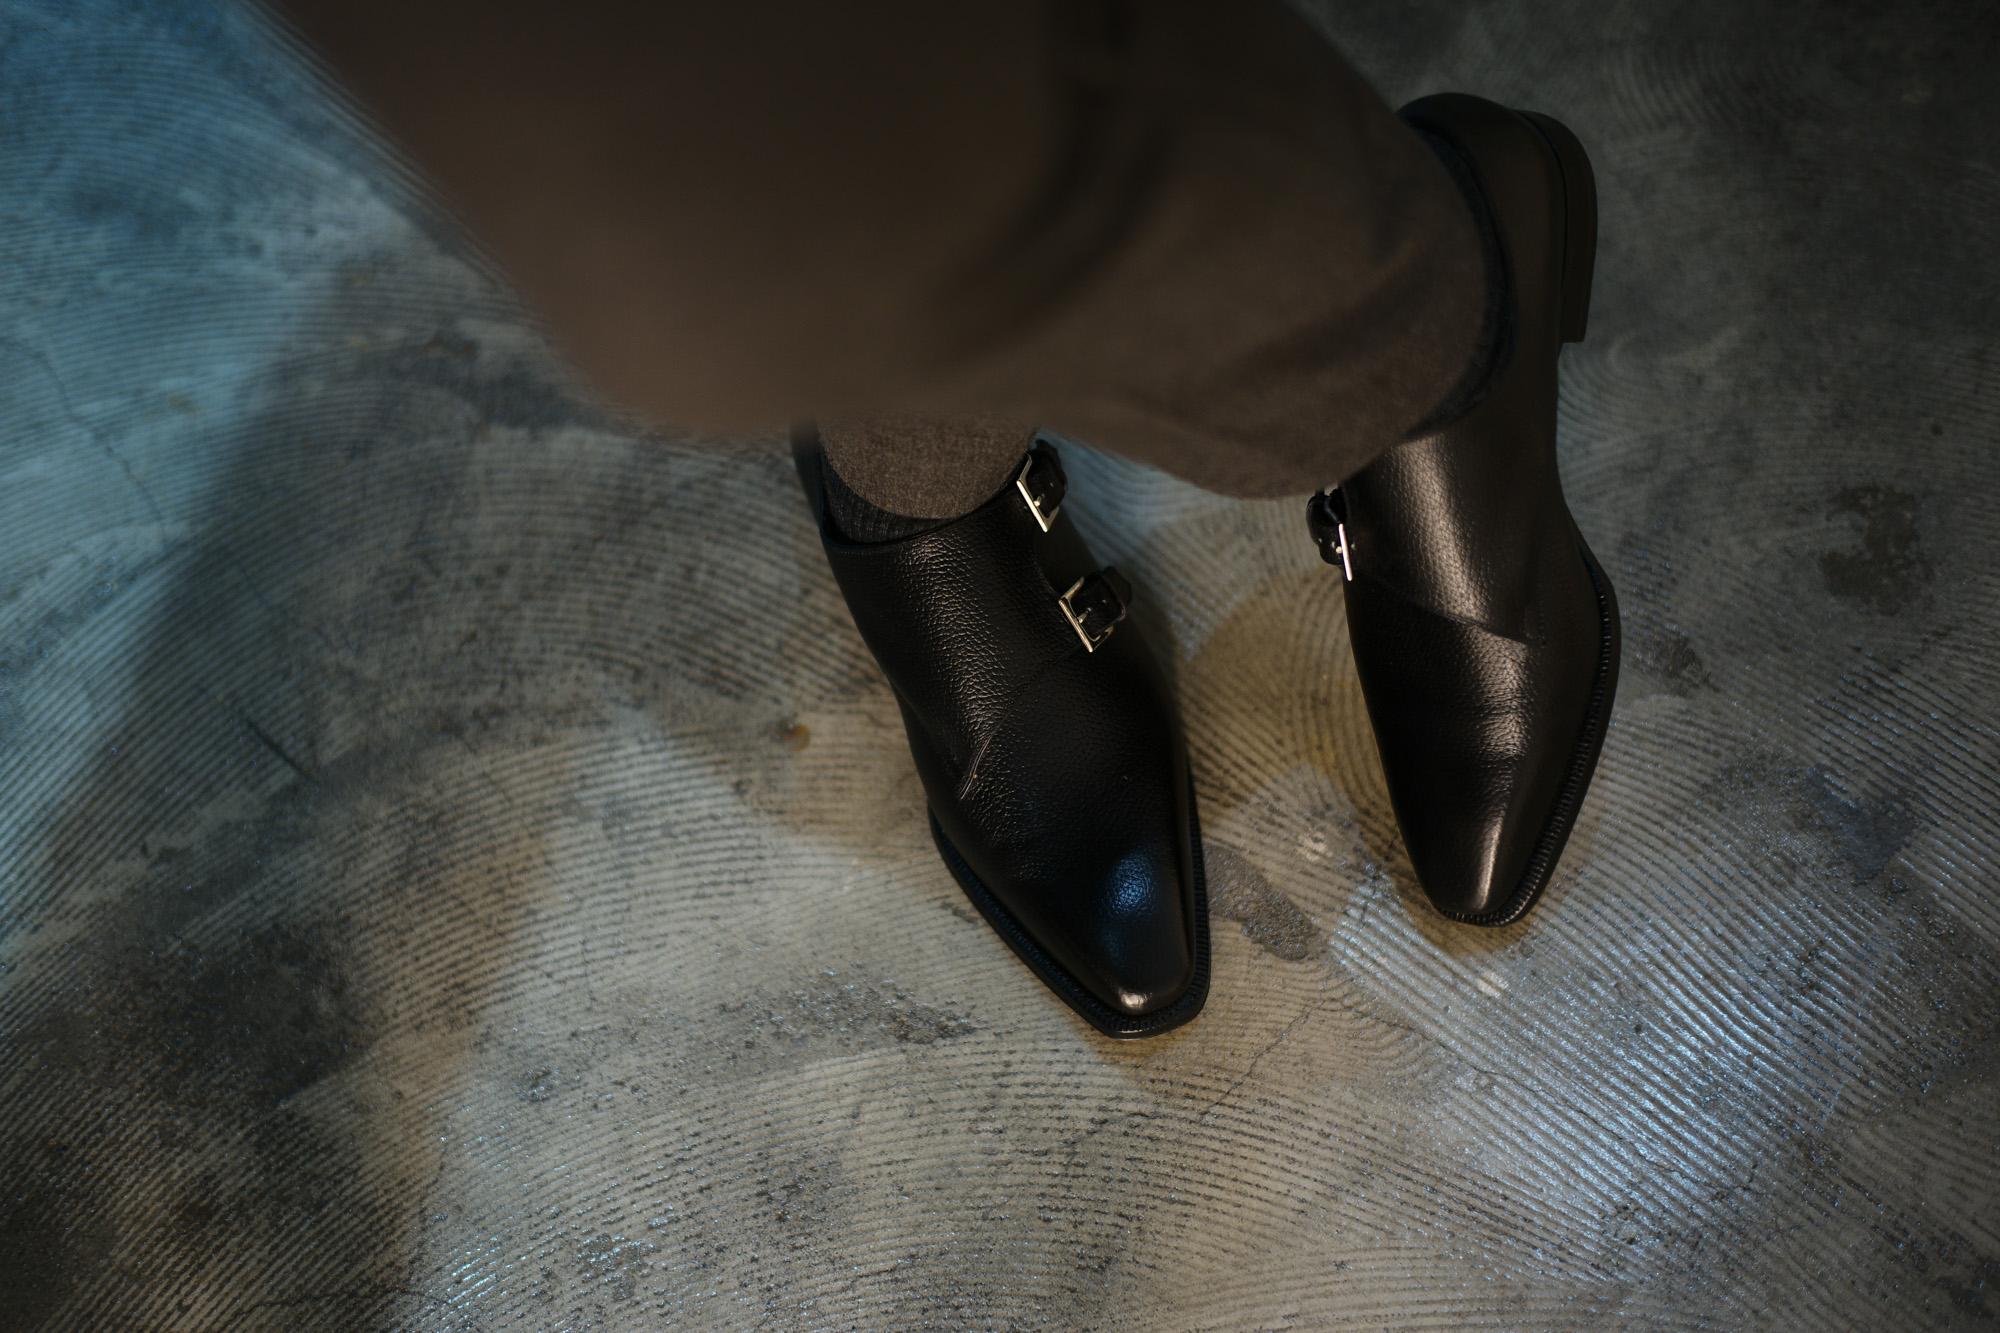 ENZO BONAFE(エンツォボナフェ) EB-36 Double Monk Strap Shoes INCA Leather ダブルモンクストラップシューズ NERO (ブラック) made in italy (イタリア製) 2018 秋冬 【Special Model】 enzobonafe eb36 ダブルモンク 愛知 名古屋 Alto e Diritto アルト エ デリット ダブモン